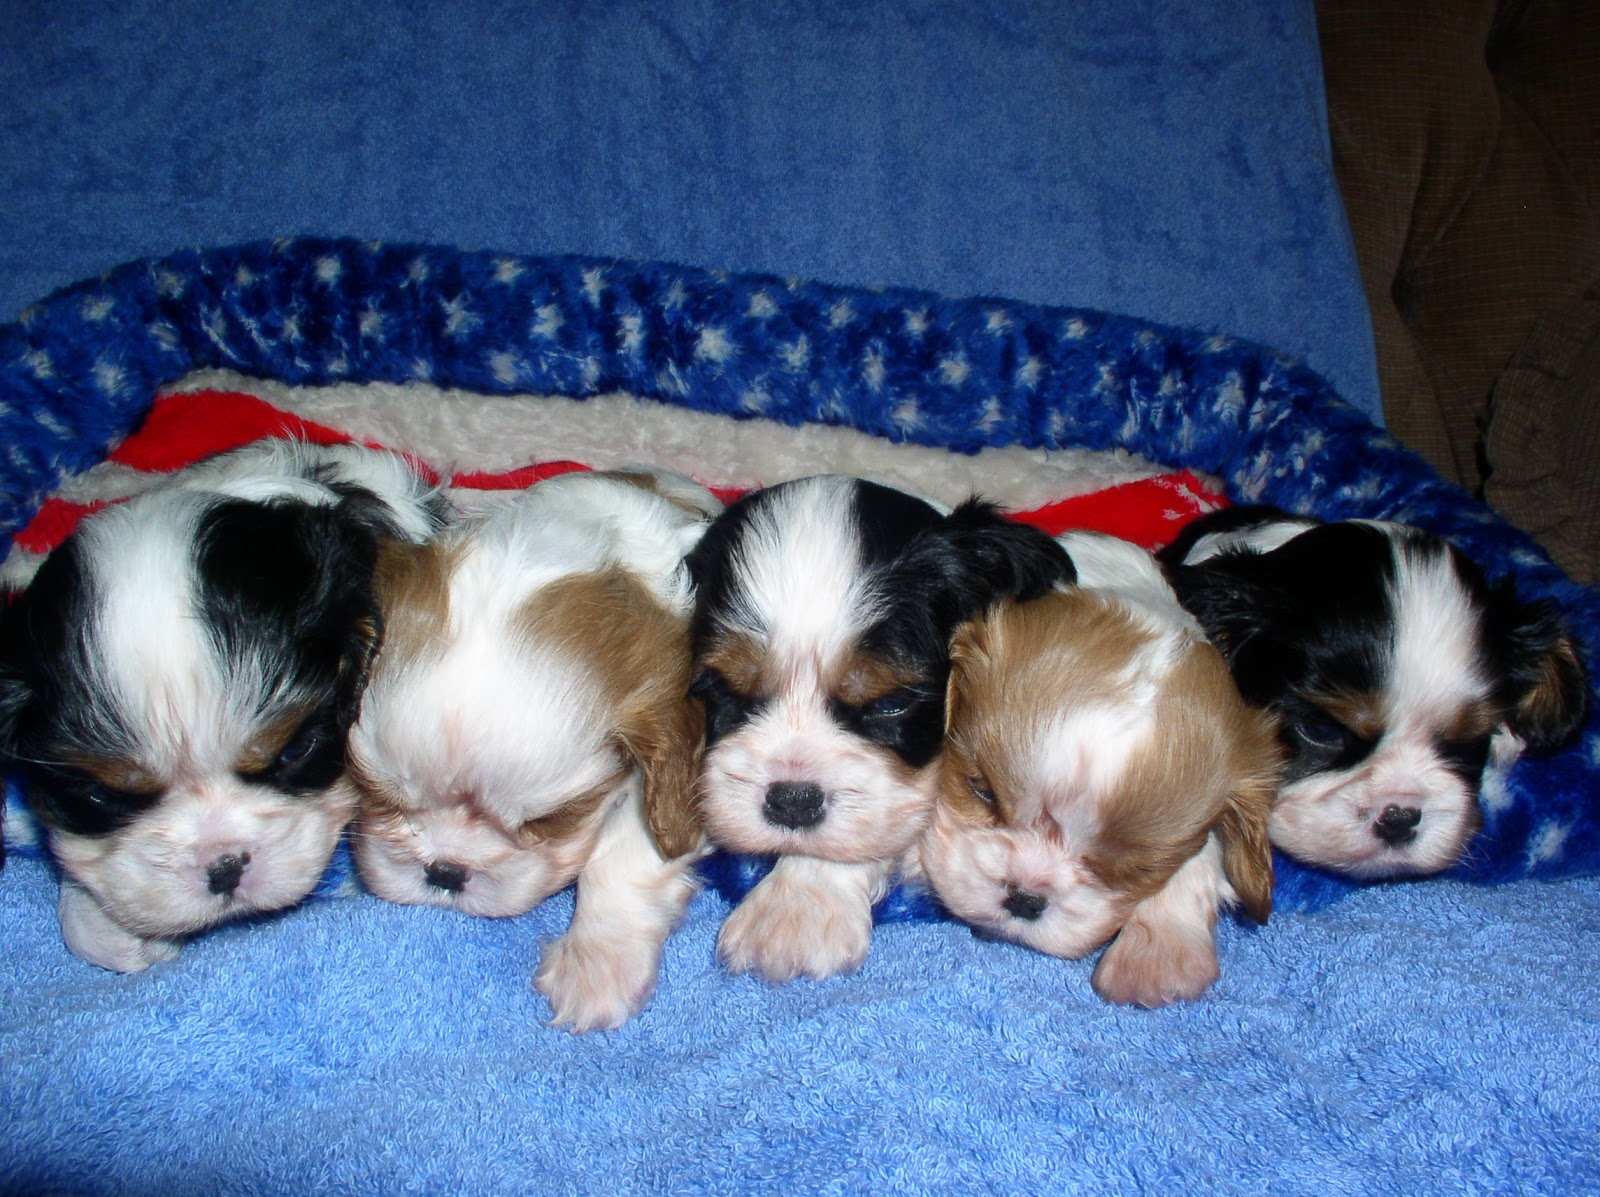 http://3.bp.blogspot.com/-jBdCpyetGbs/UJIWzyBB77I/AAAAAAAABHQ/w-glSU_saBI/s1600/5+Puppies+Sleeping.jpg